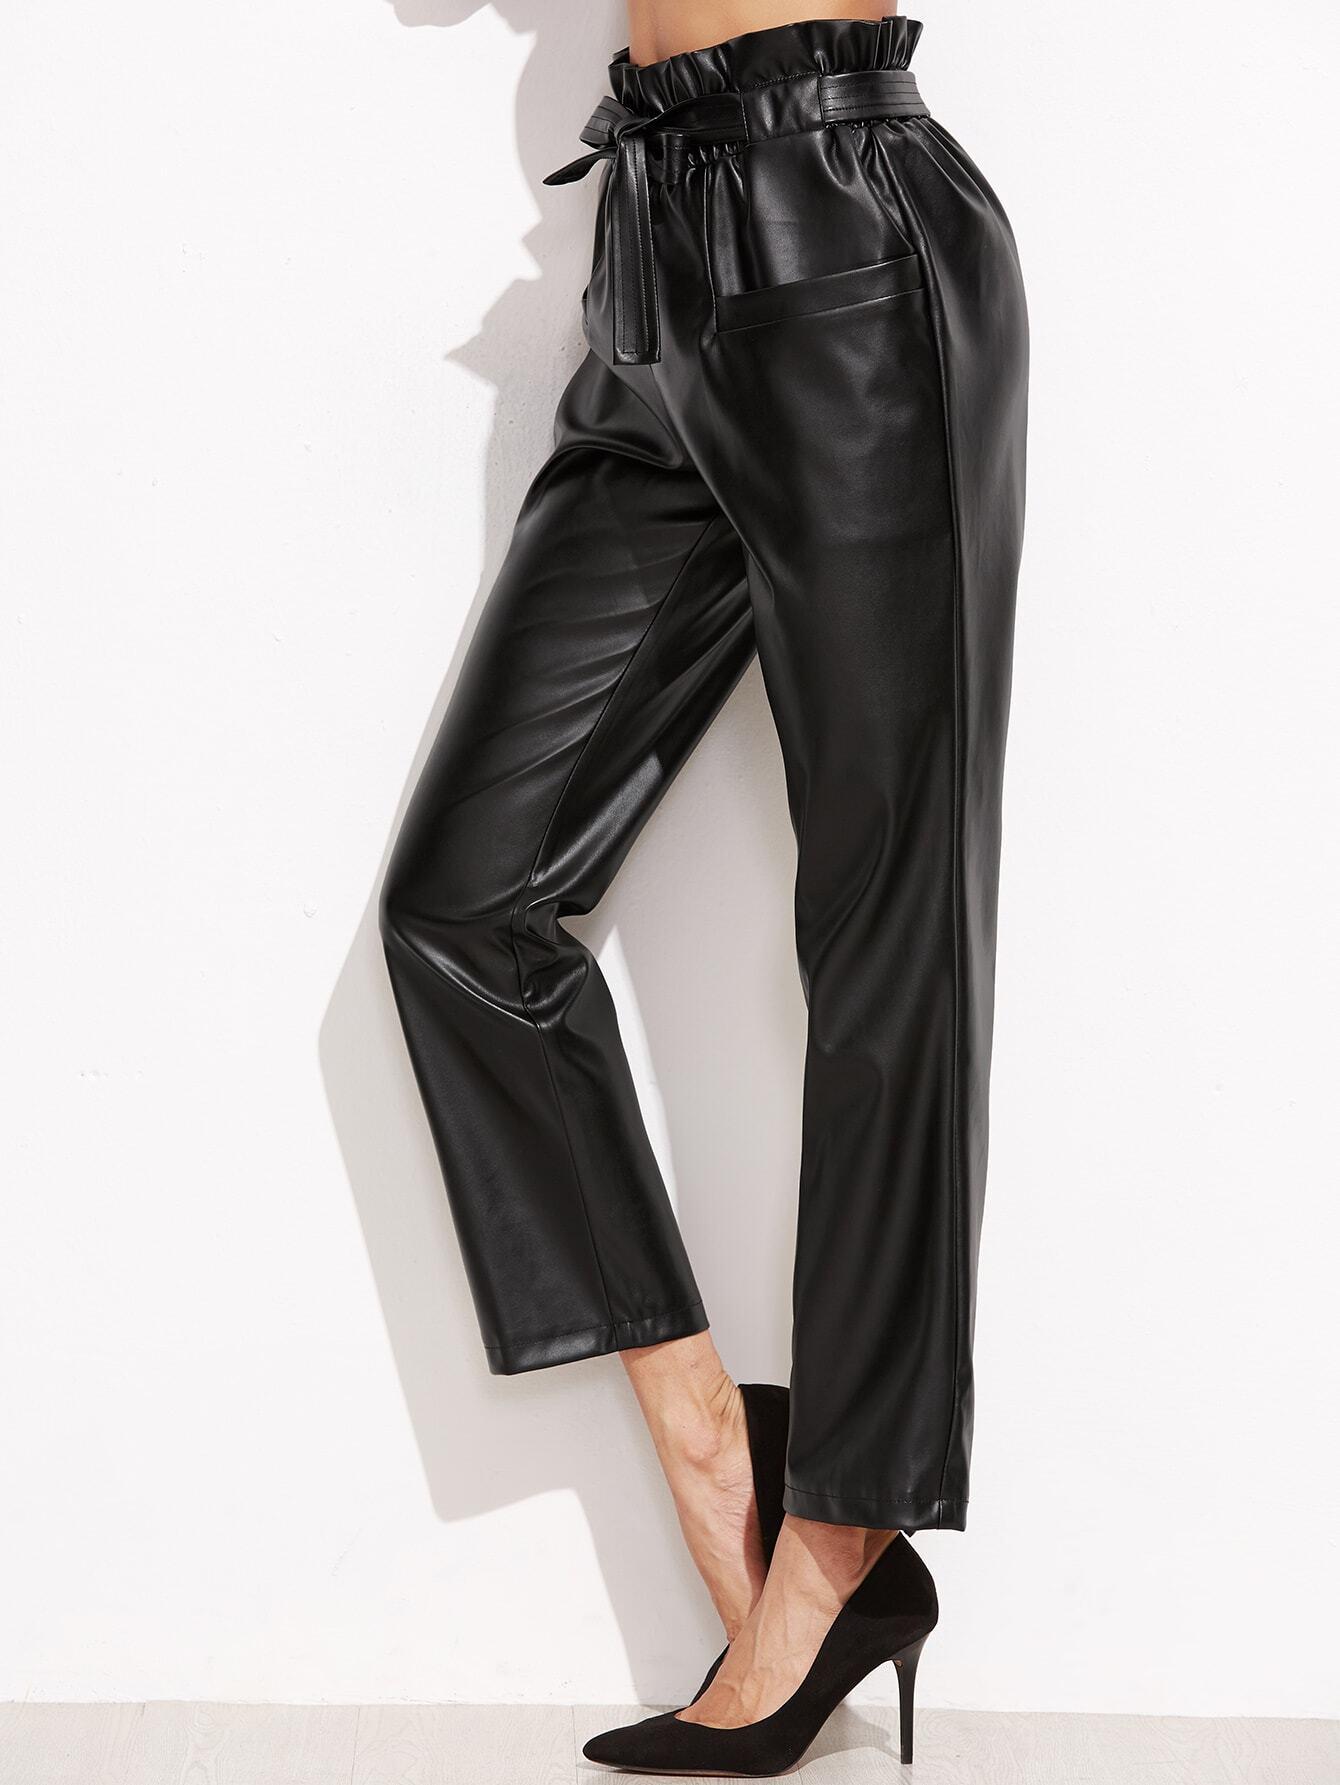 pants161020701_2